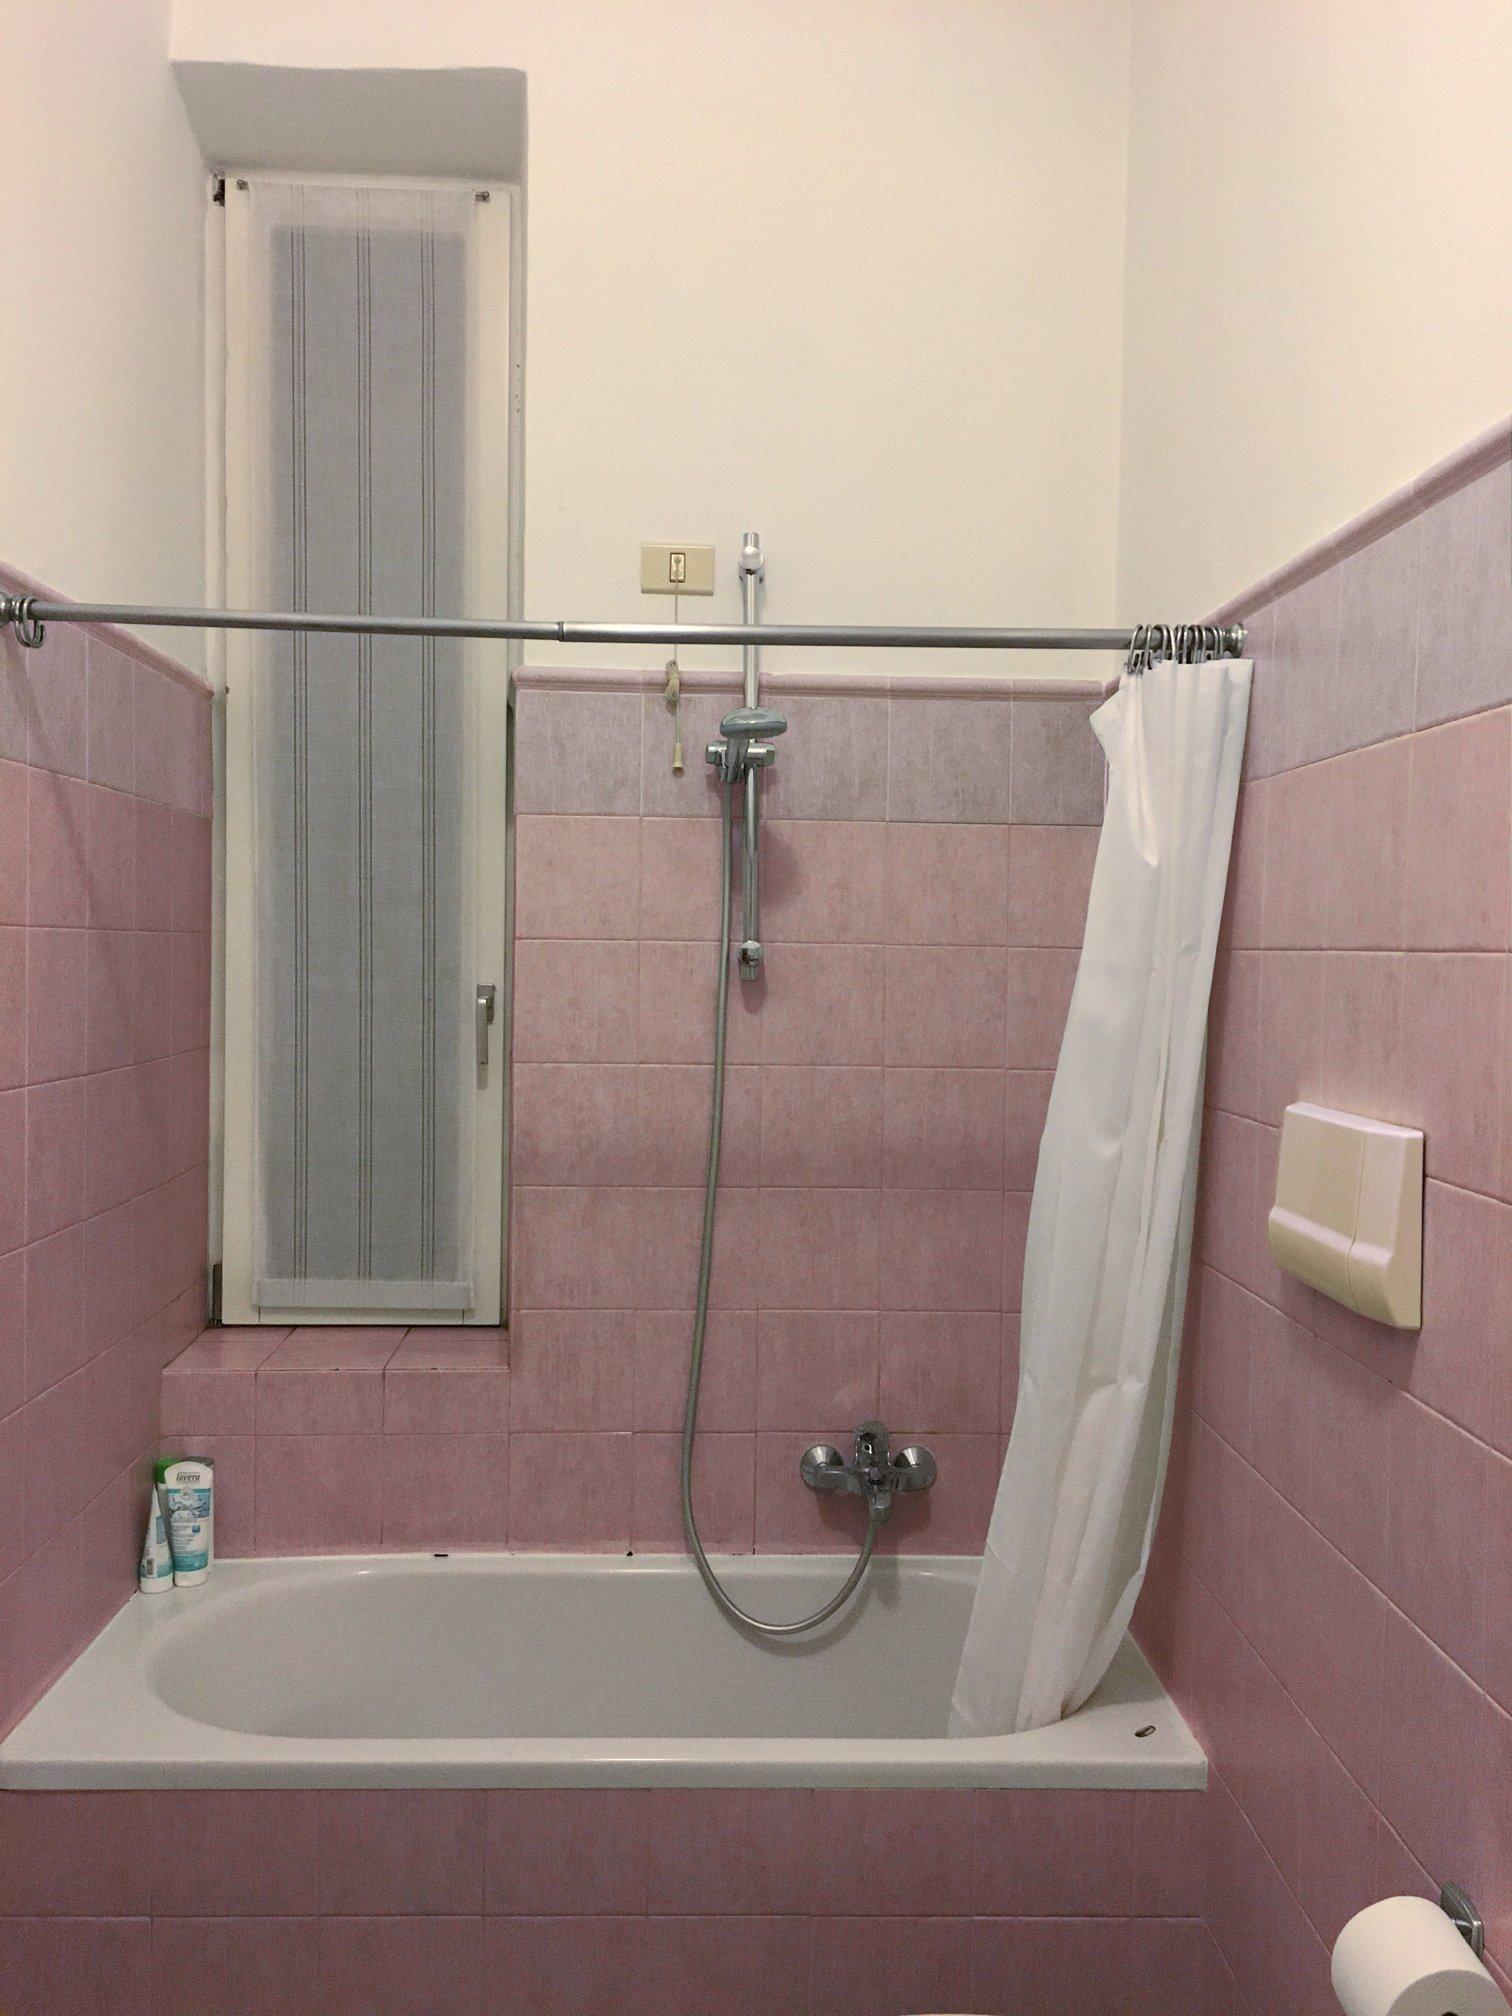 Rinnovare bagno fai da te rinnovare bagno fai da te with - Rinnovare la vasca da bagno ...